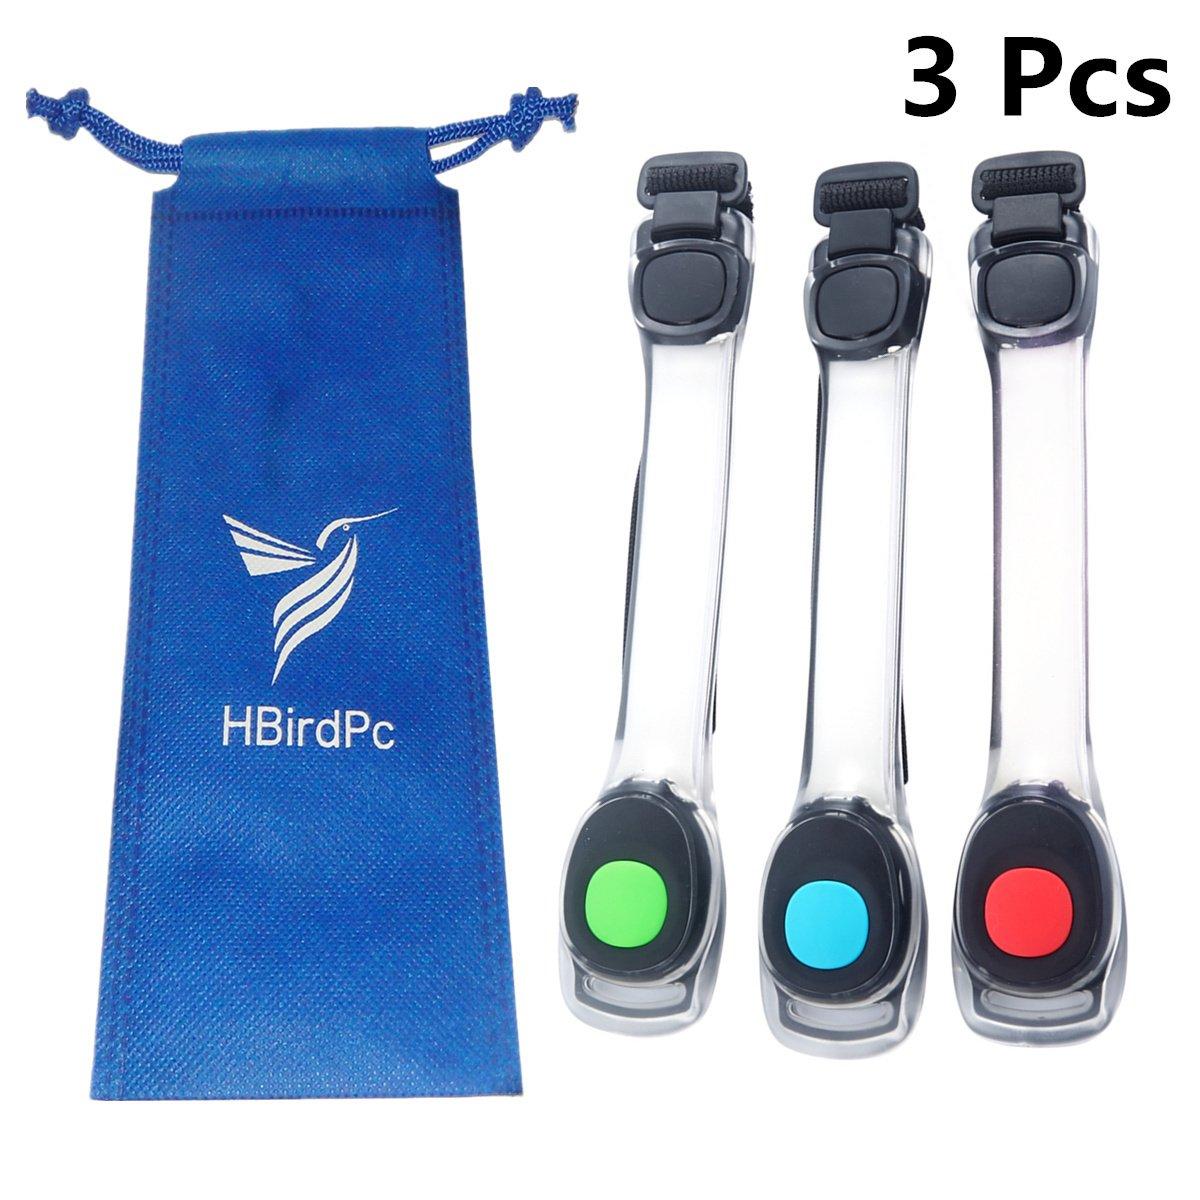 HBirdPc LED Armband pack